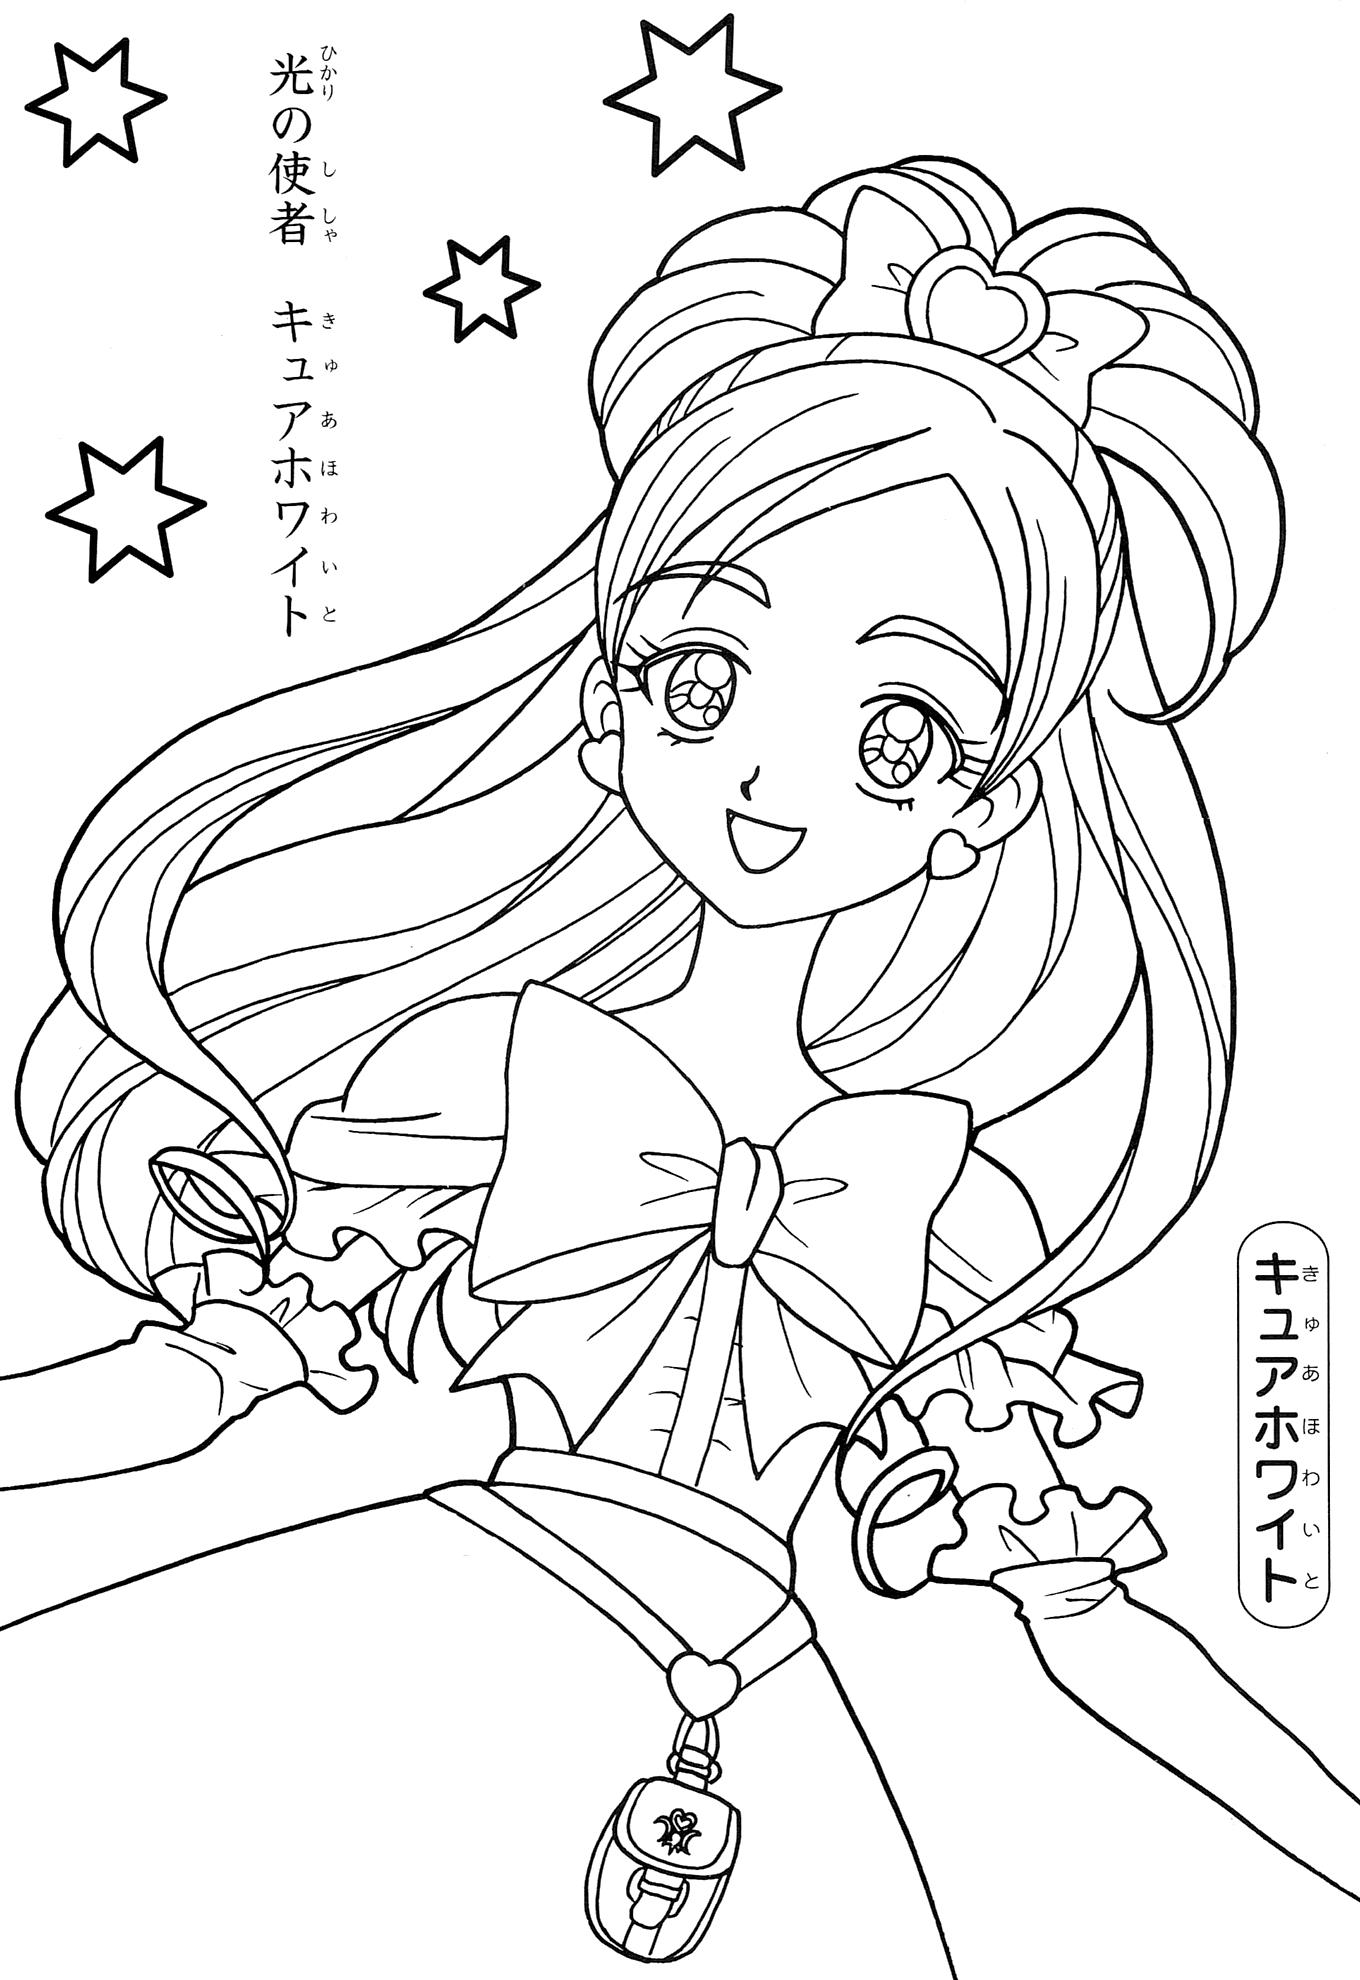 картинки для раскрашивания аниме: